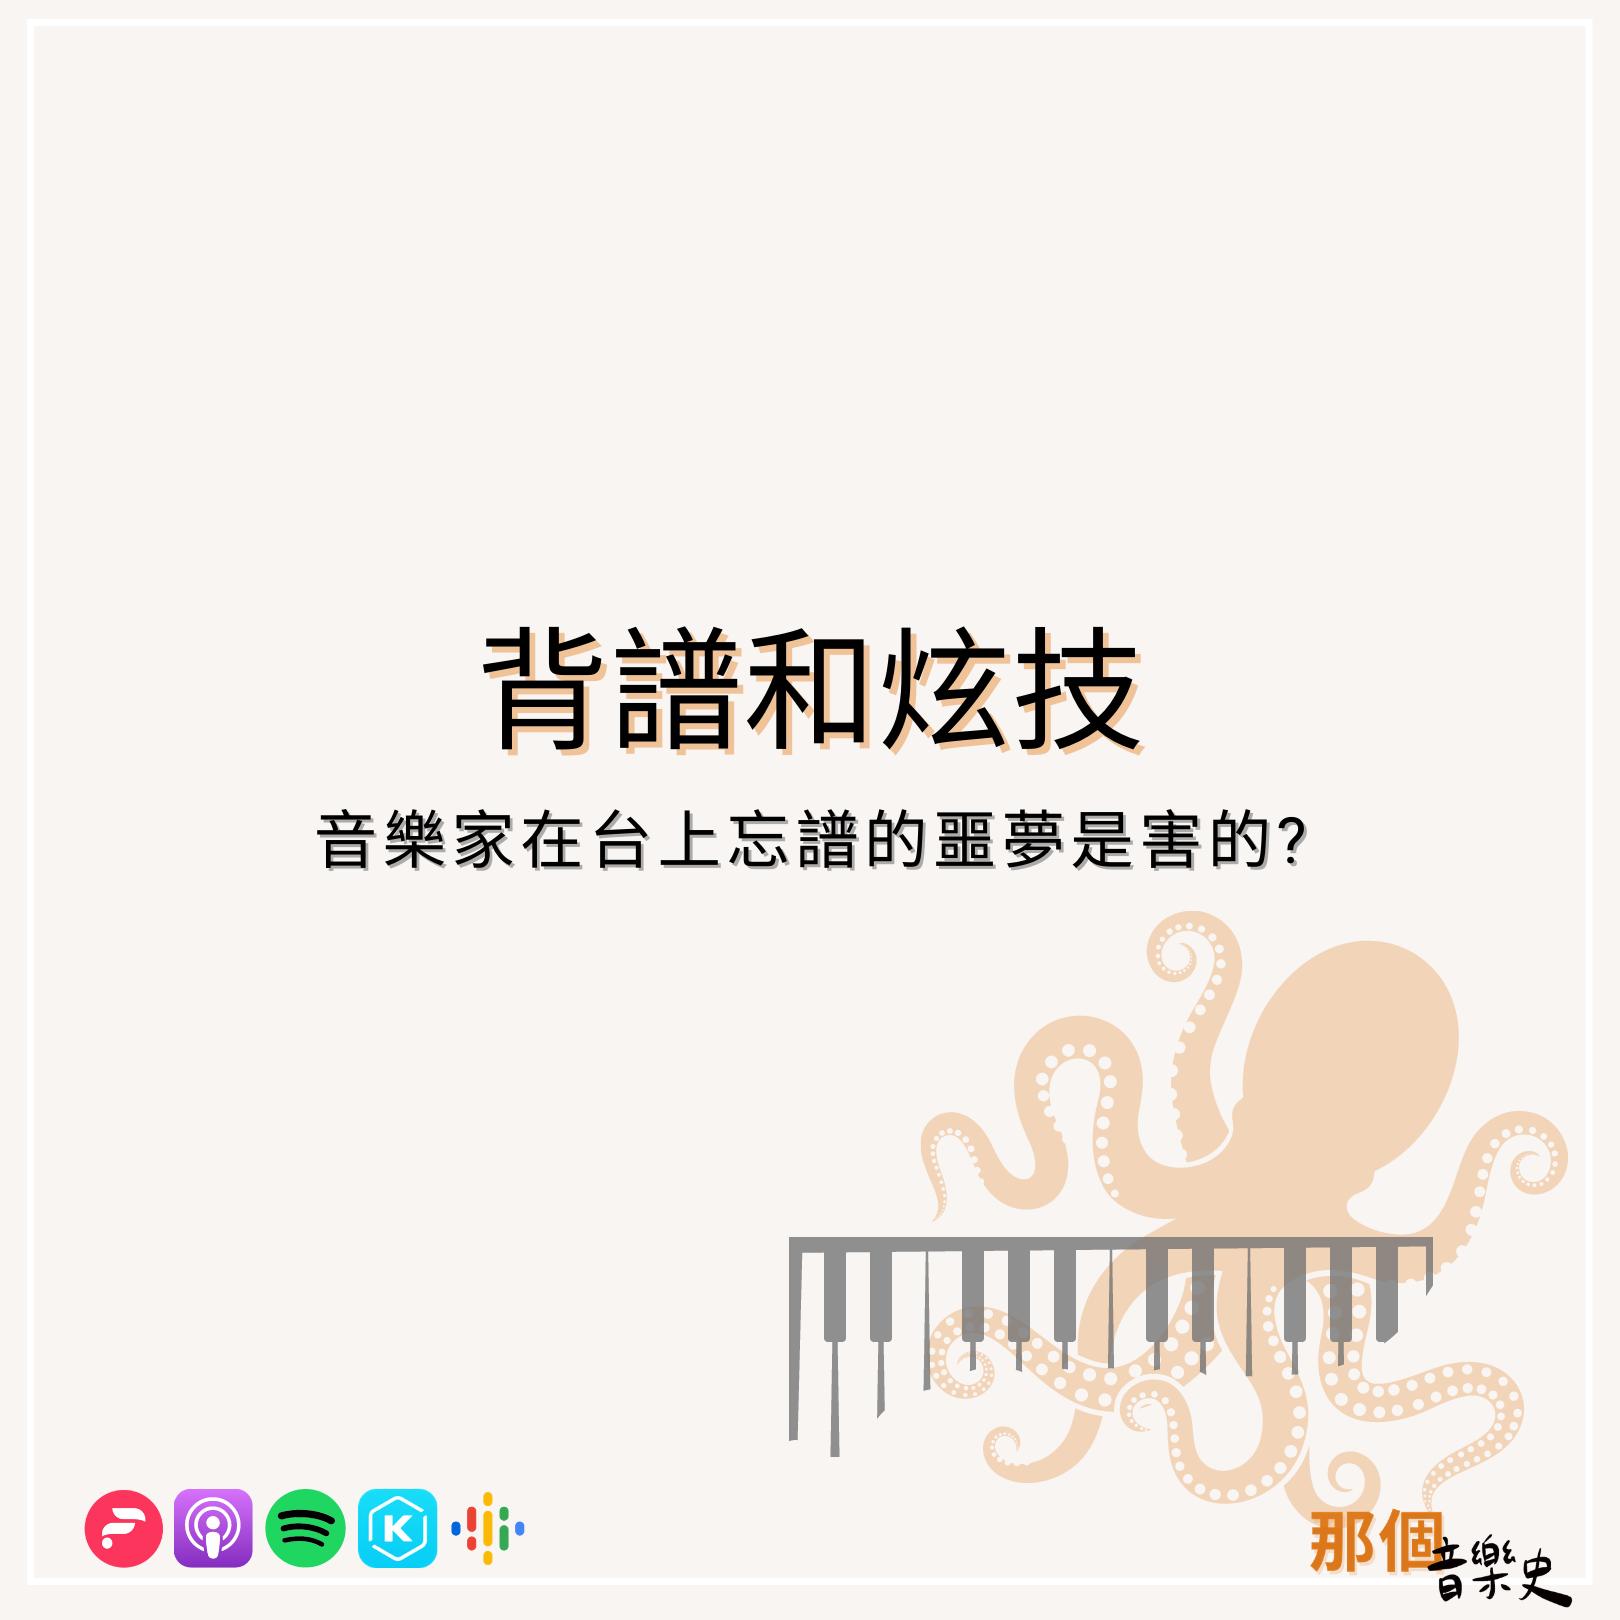 【背譜和炫技】音樂家在台上忘譜的噩夢是害的?